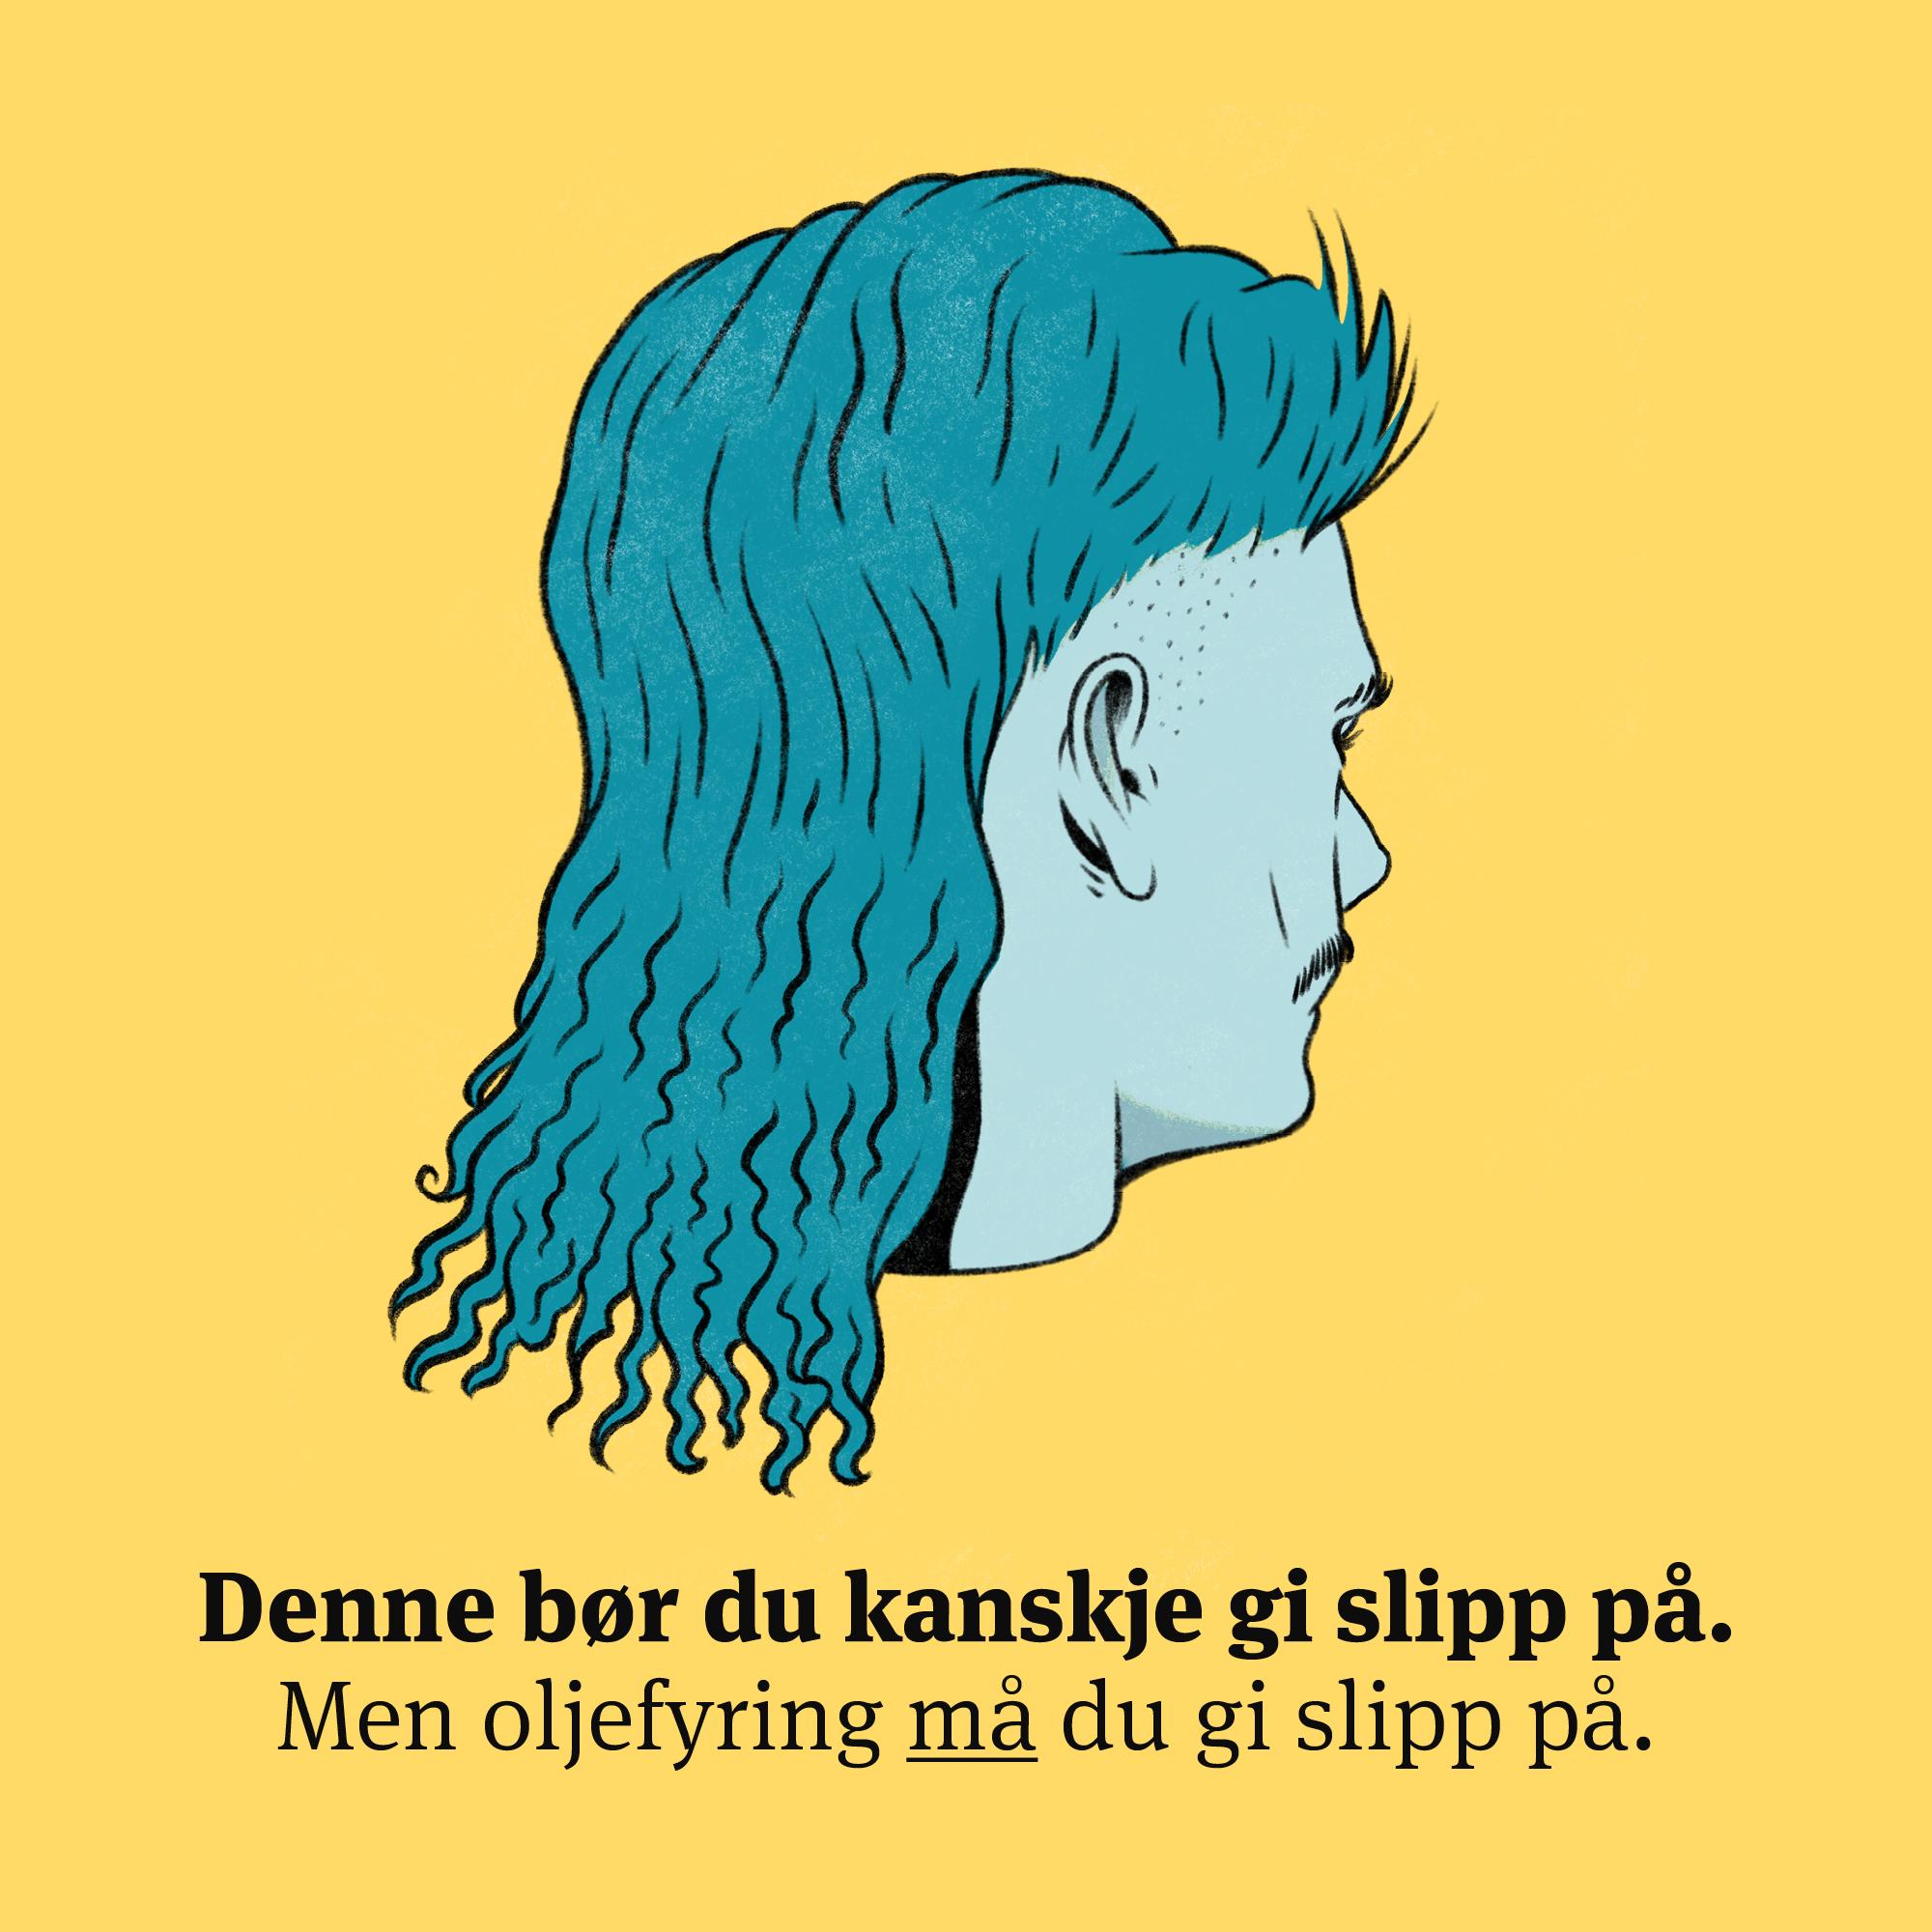 OsloKommune_hockeysveis.png